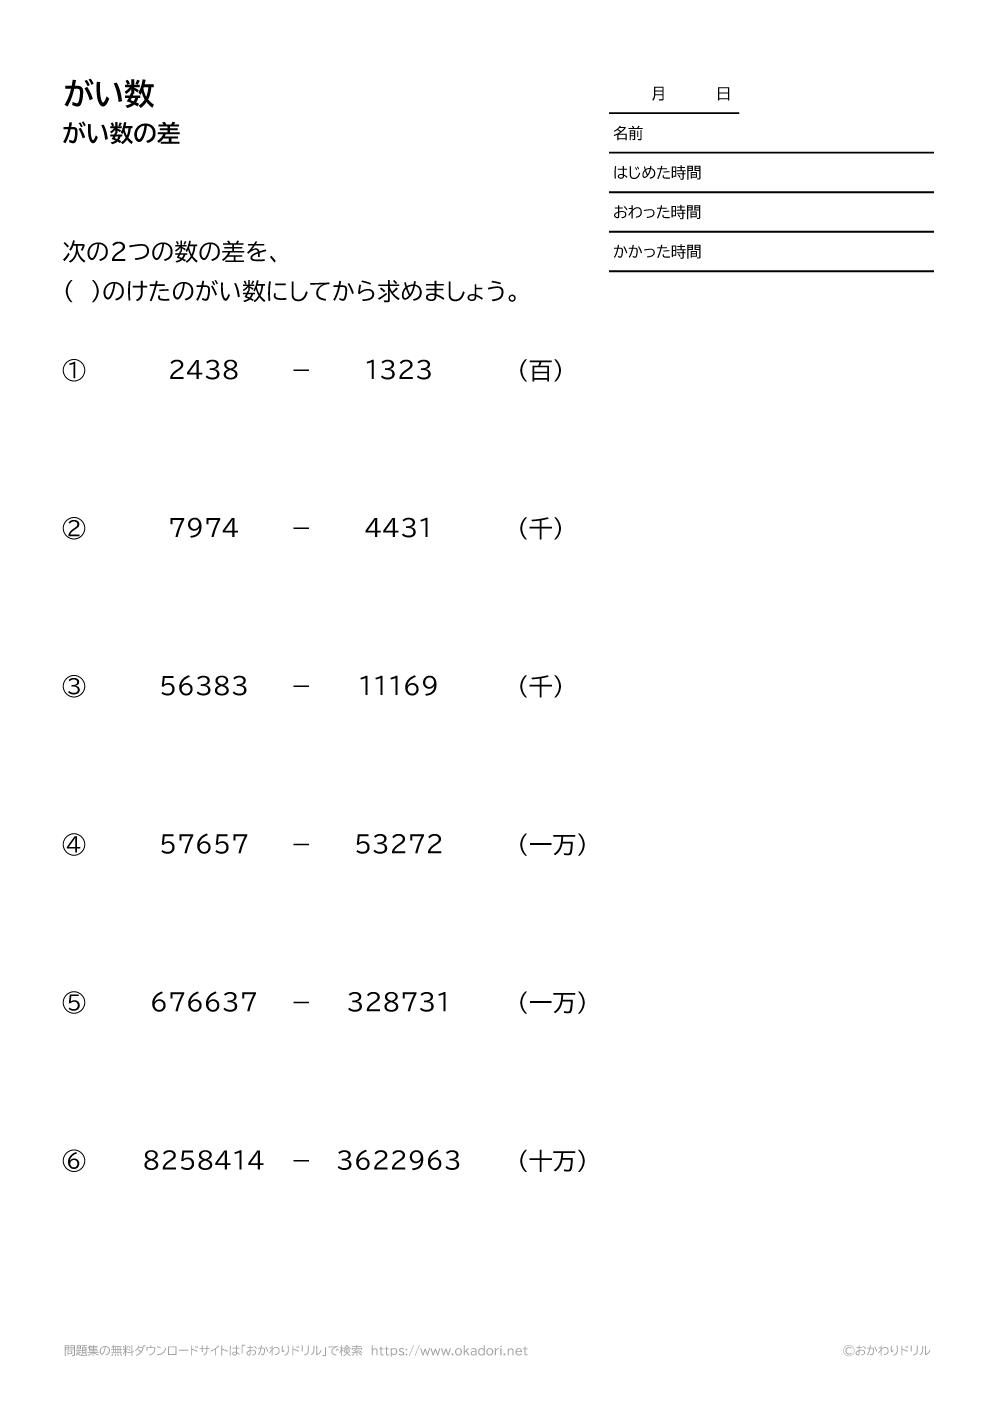 がい数の差(引き算)6